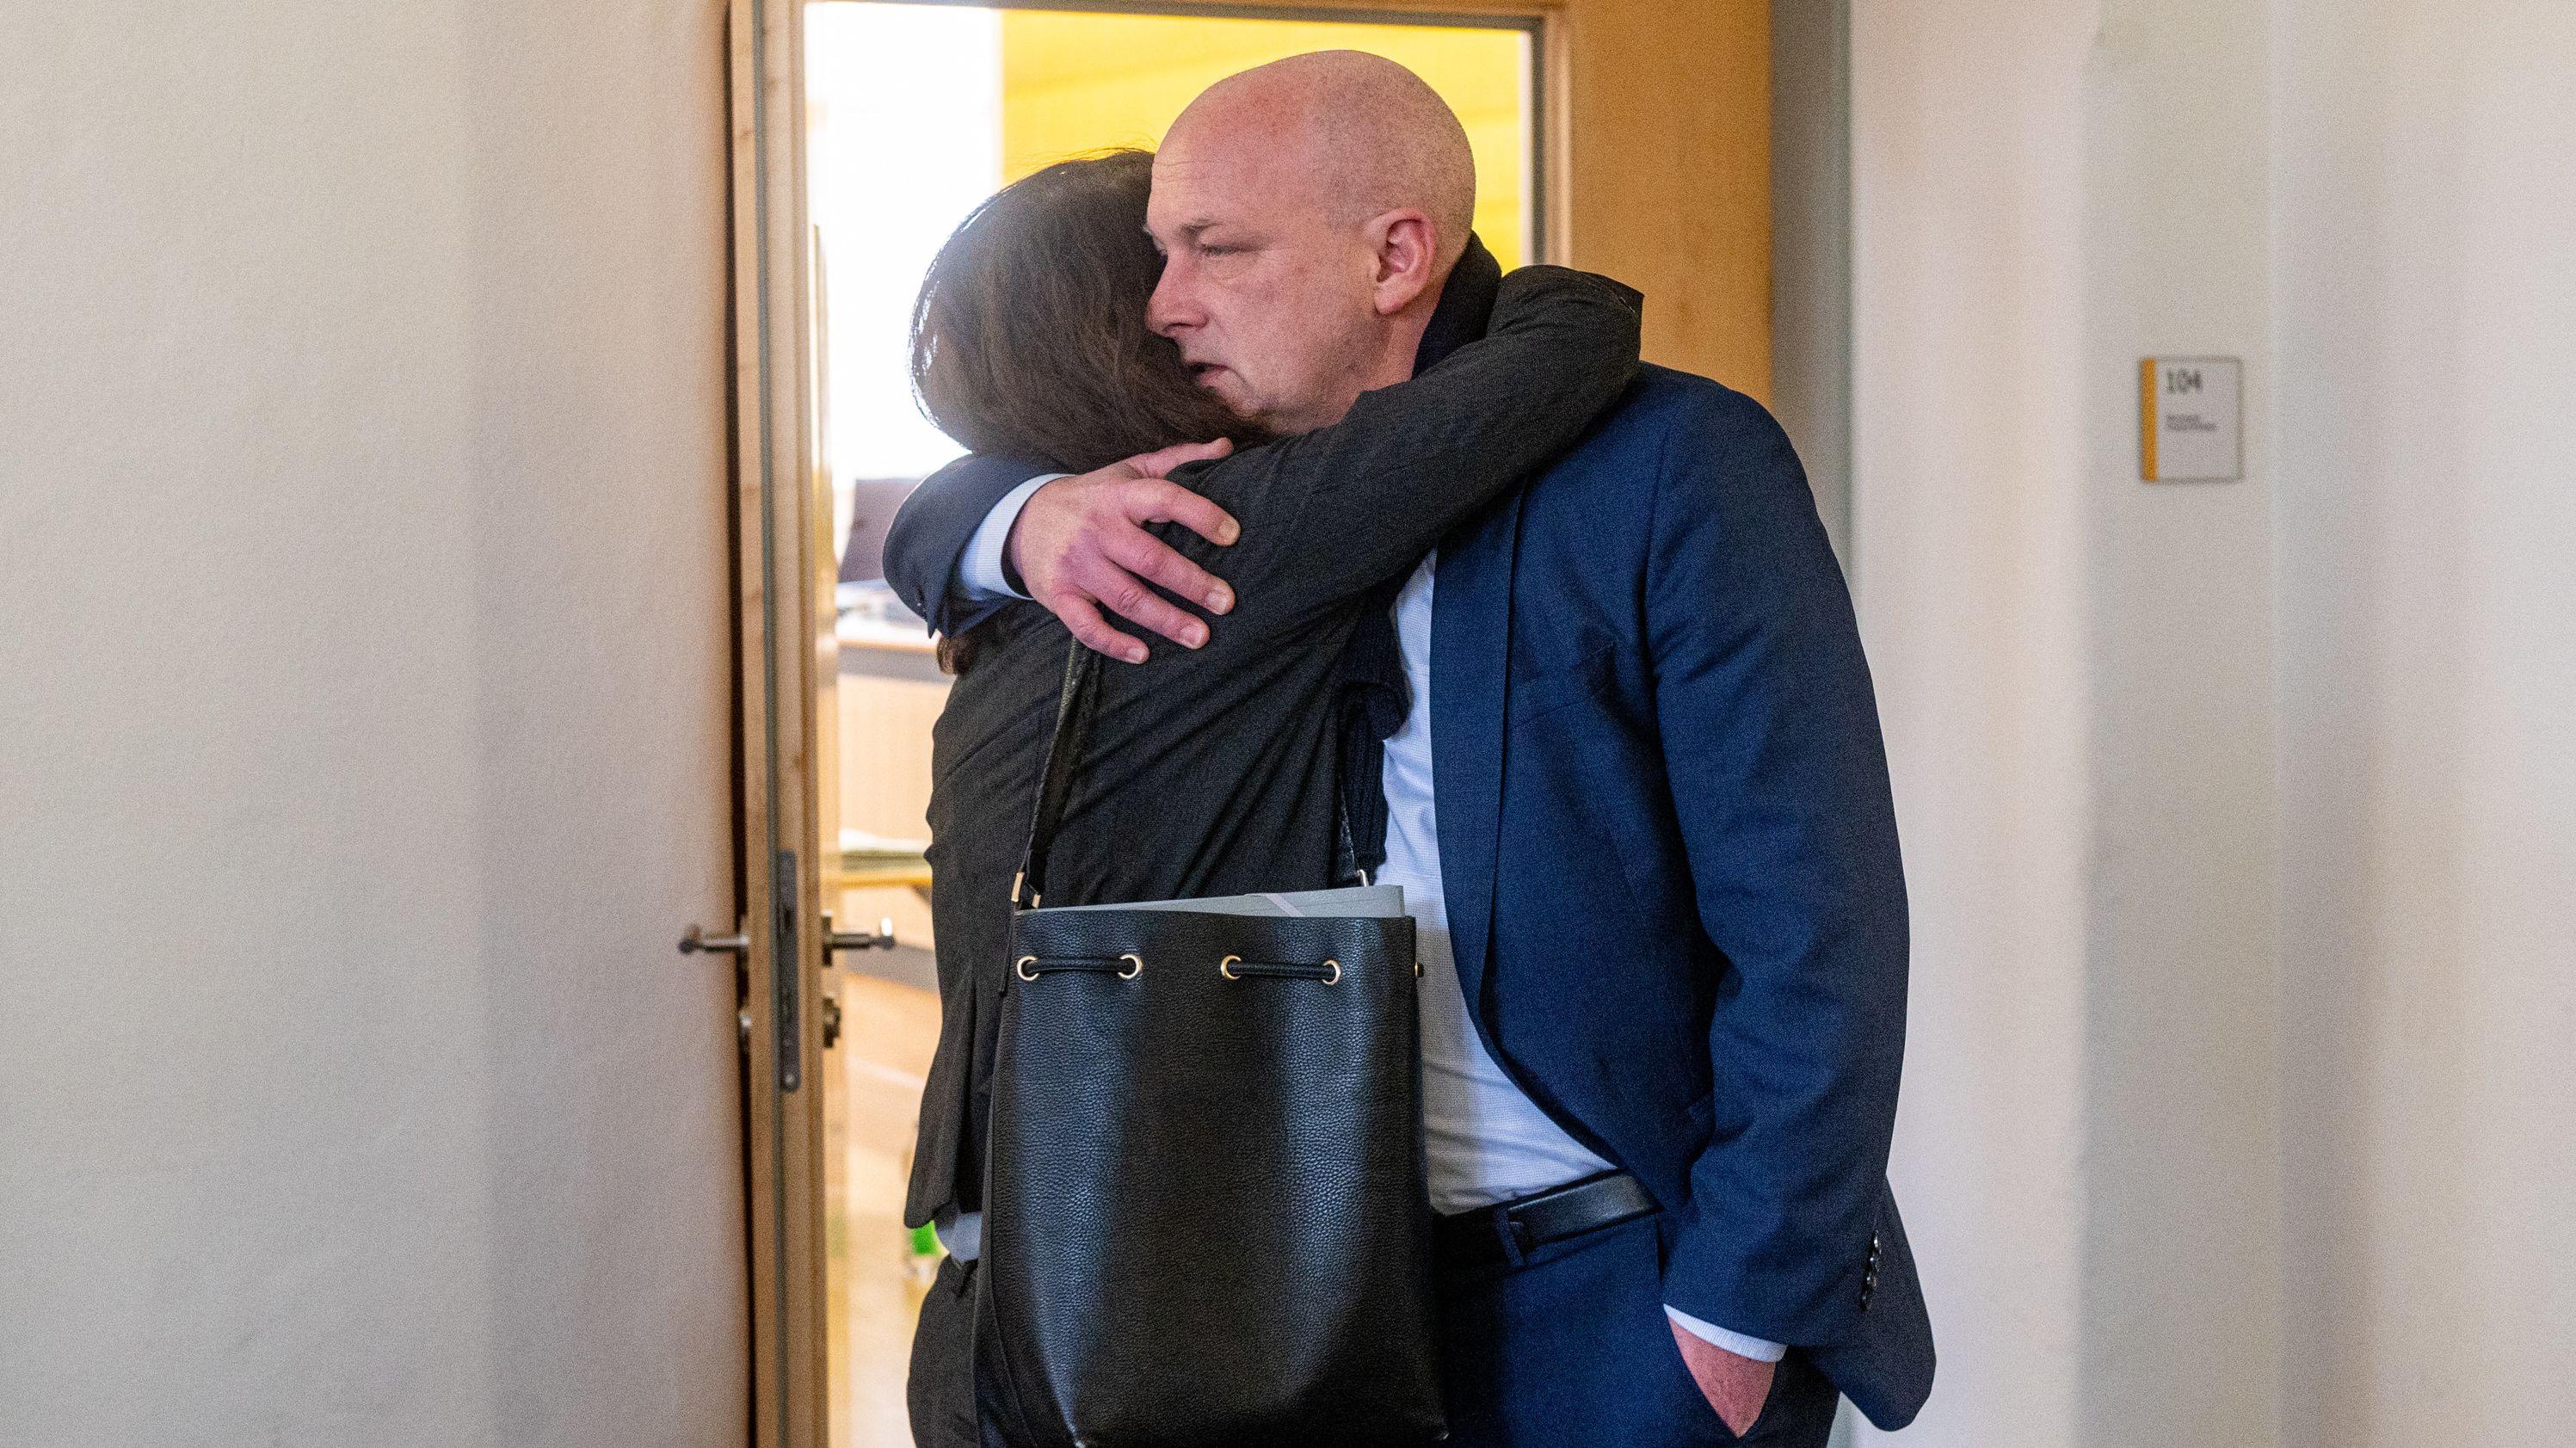 Anja Wolbergs hat erneut im Prozess gegen ihren getrennt-lebenden Ehemann ausgesagt.